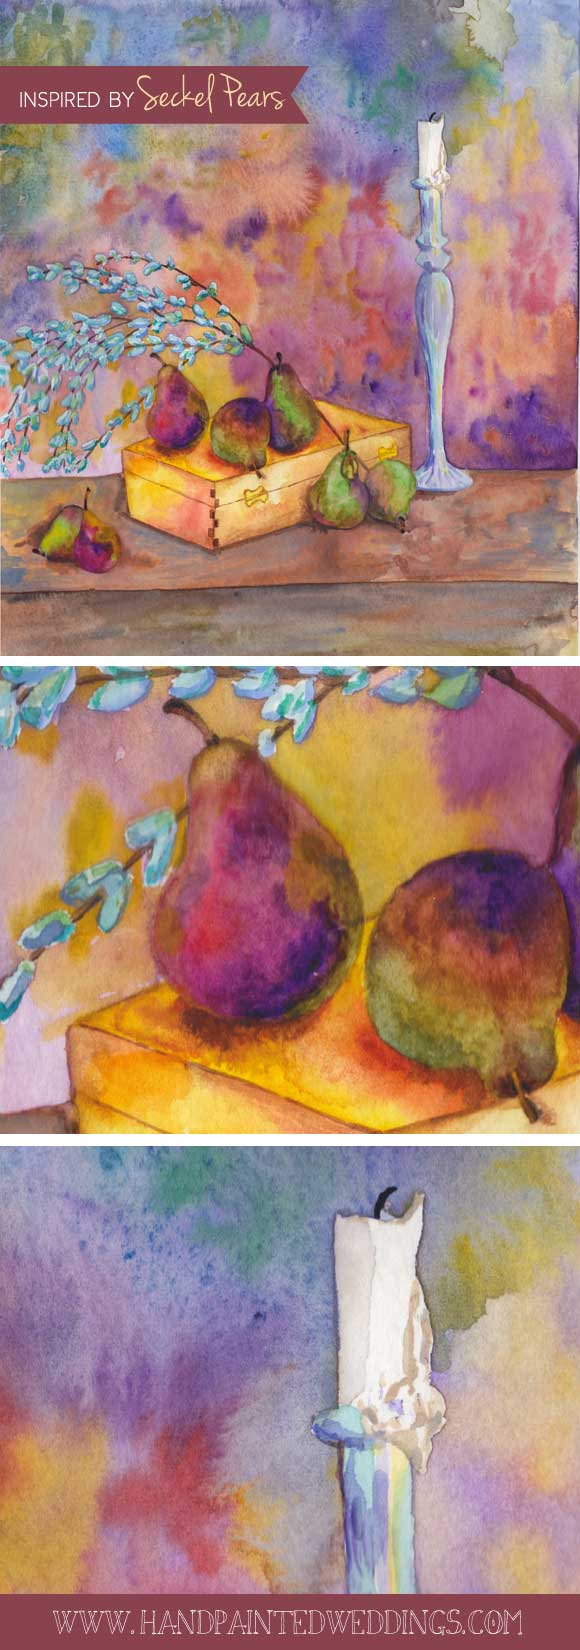 Work in Progress: Seckel Pear Still Life